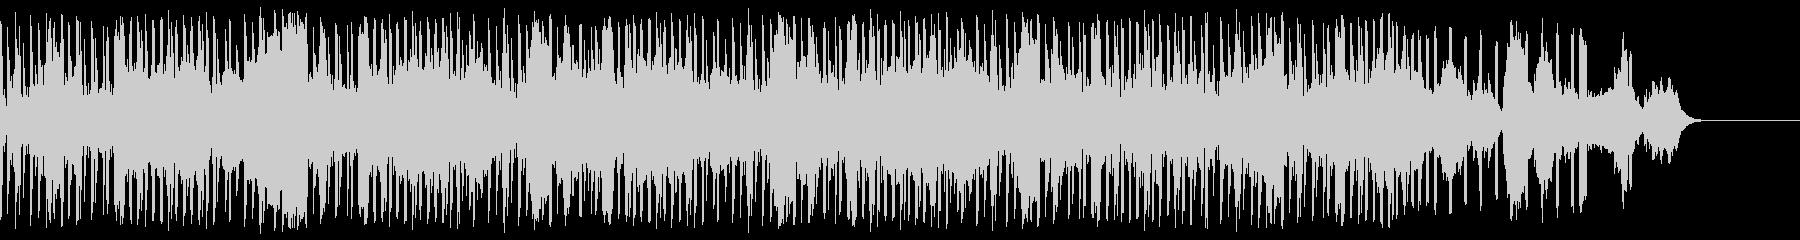 ストリングスとトランペットが印象的な曲の未再生の波形